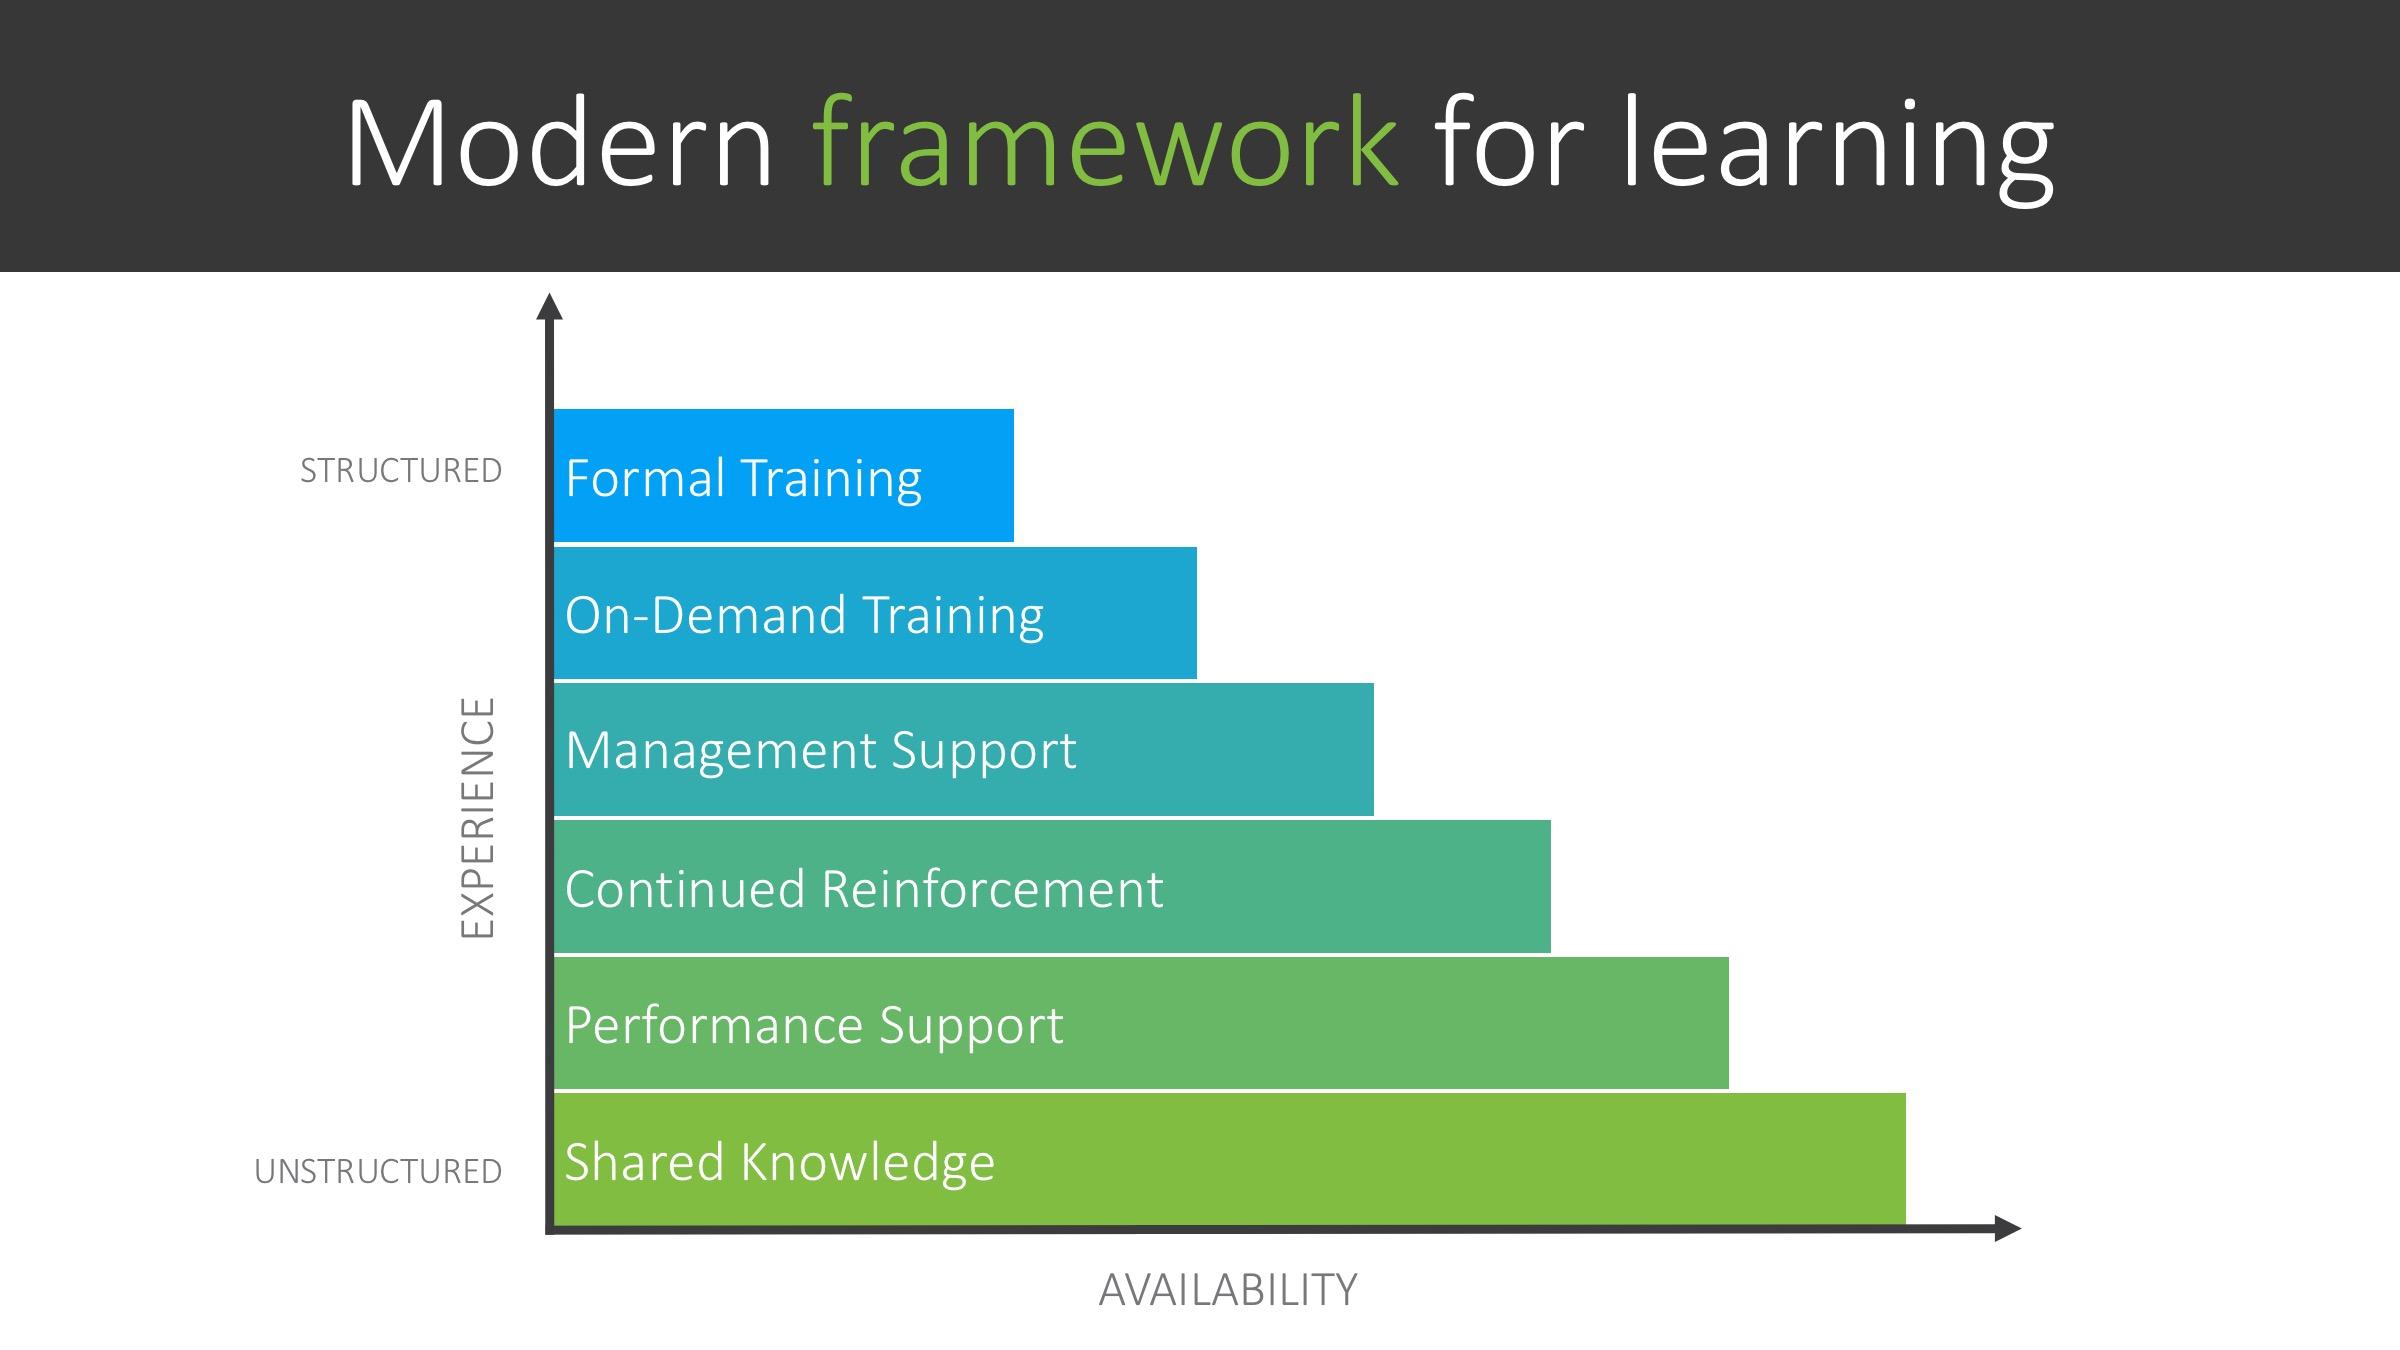 Modern framework for learning